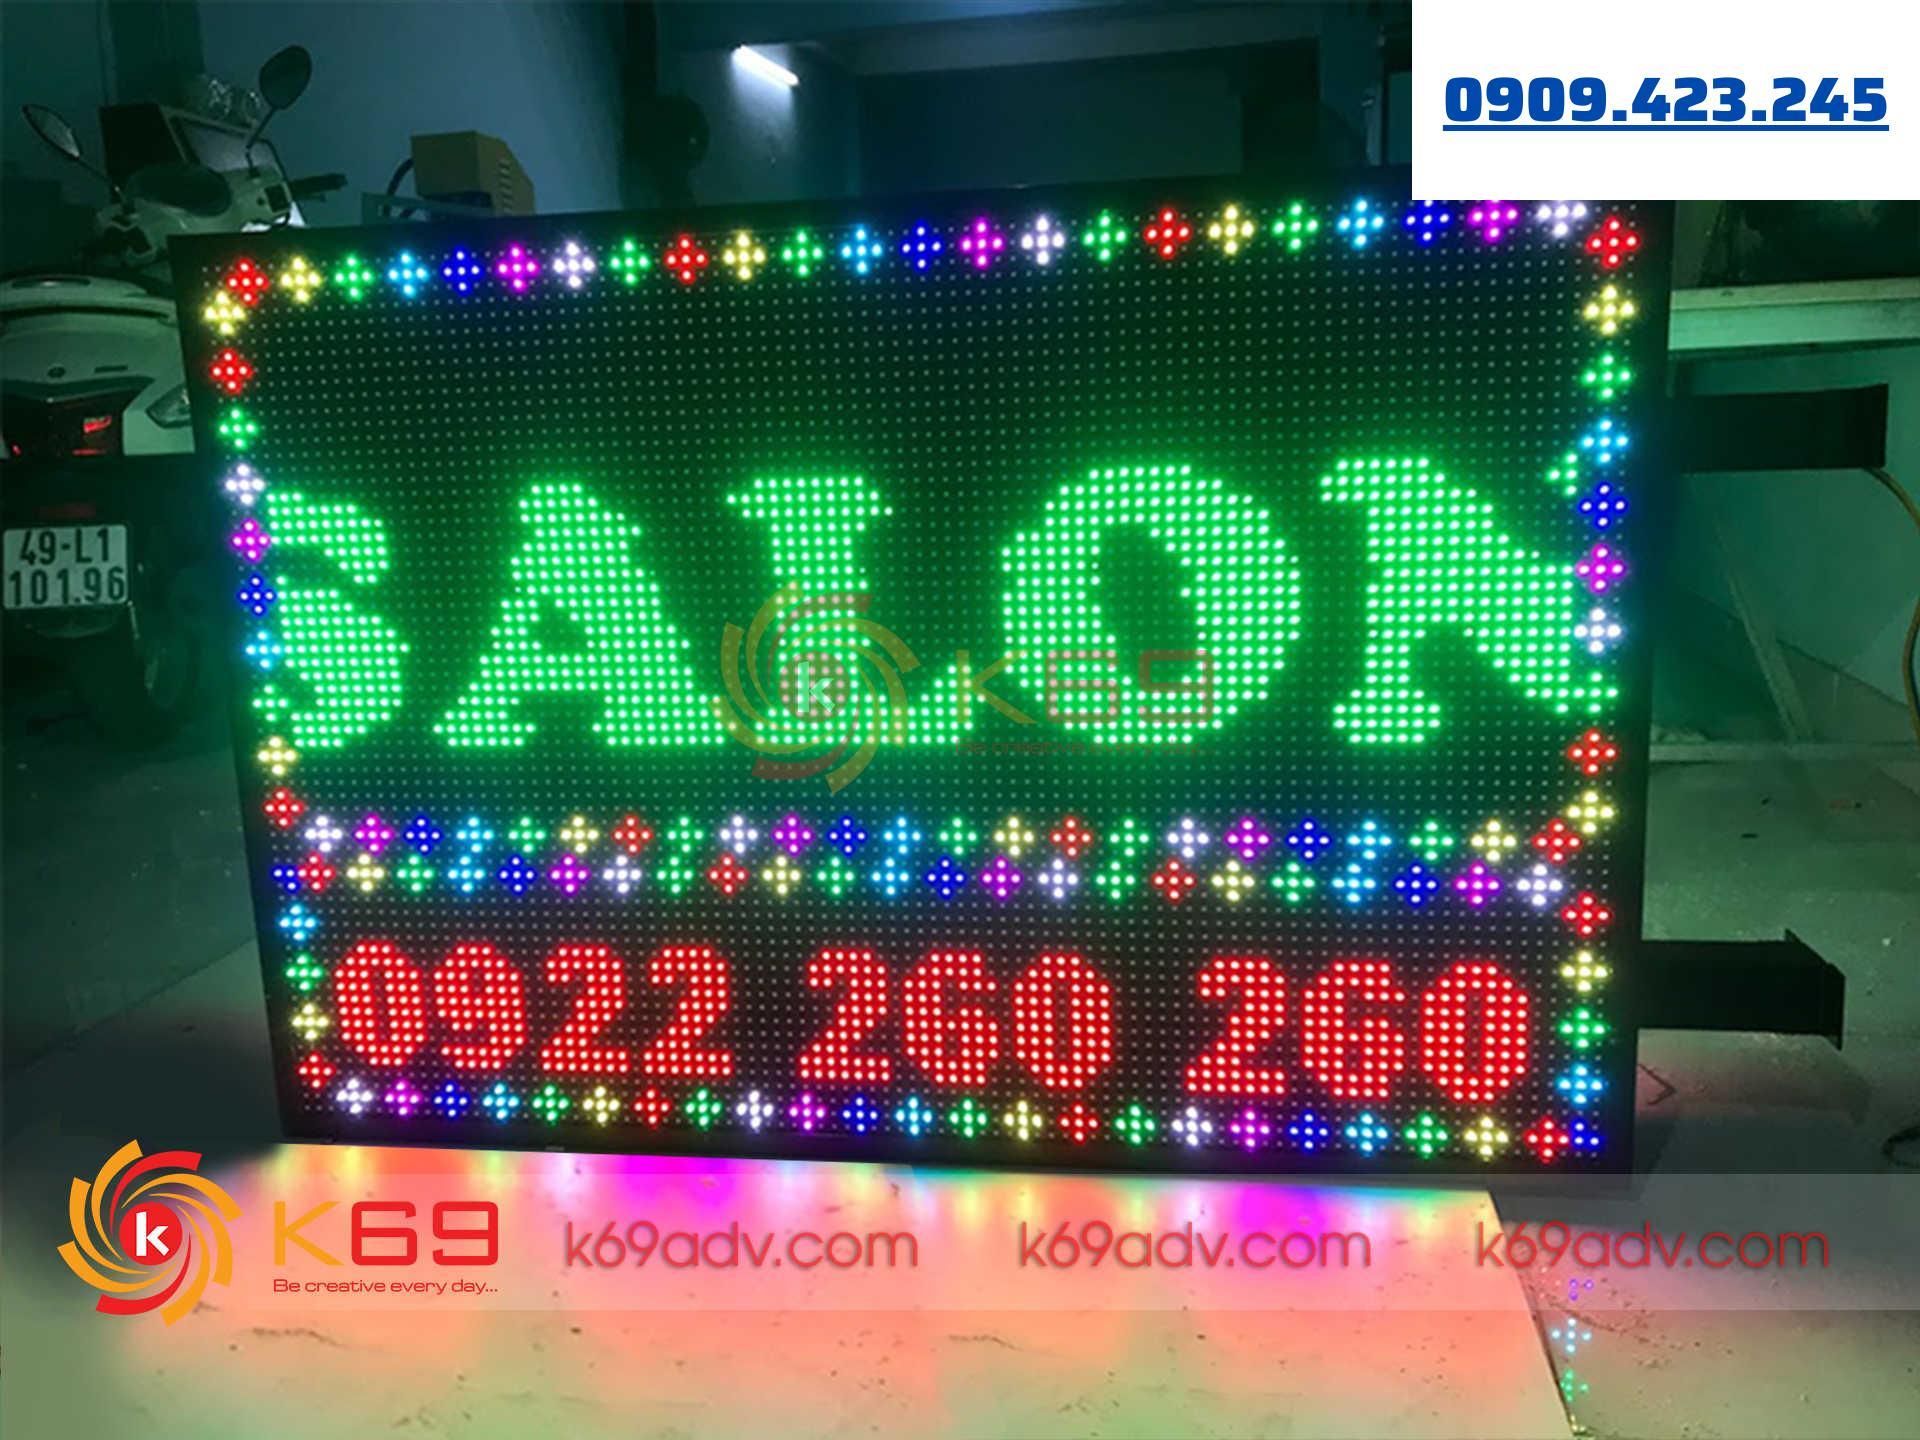 Làm bảng hiệu hộp đèn led matrix tại K69ADV